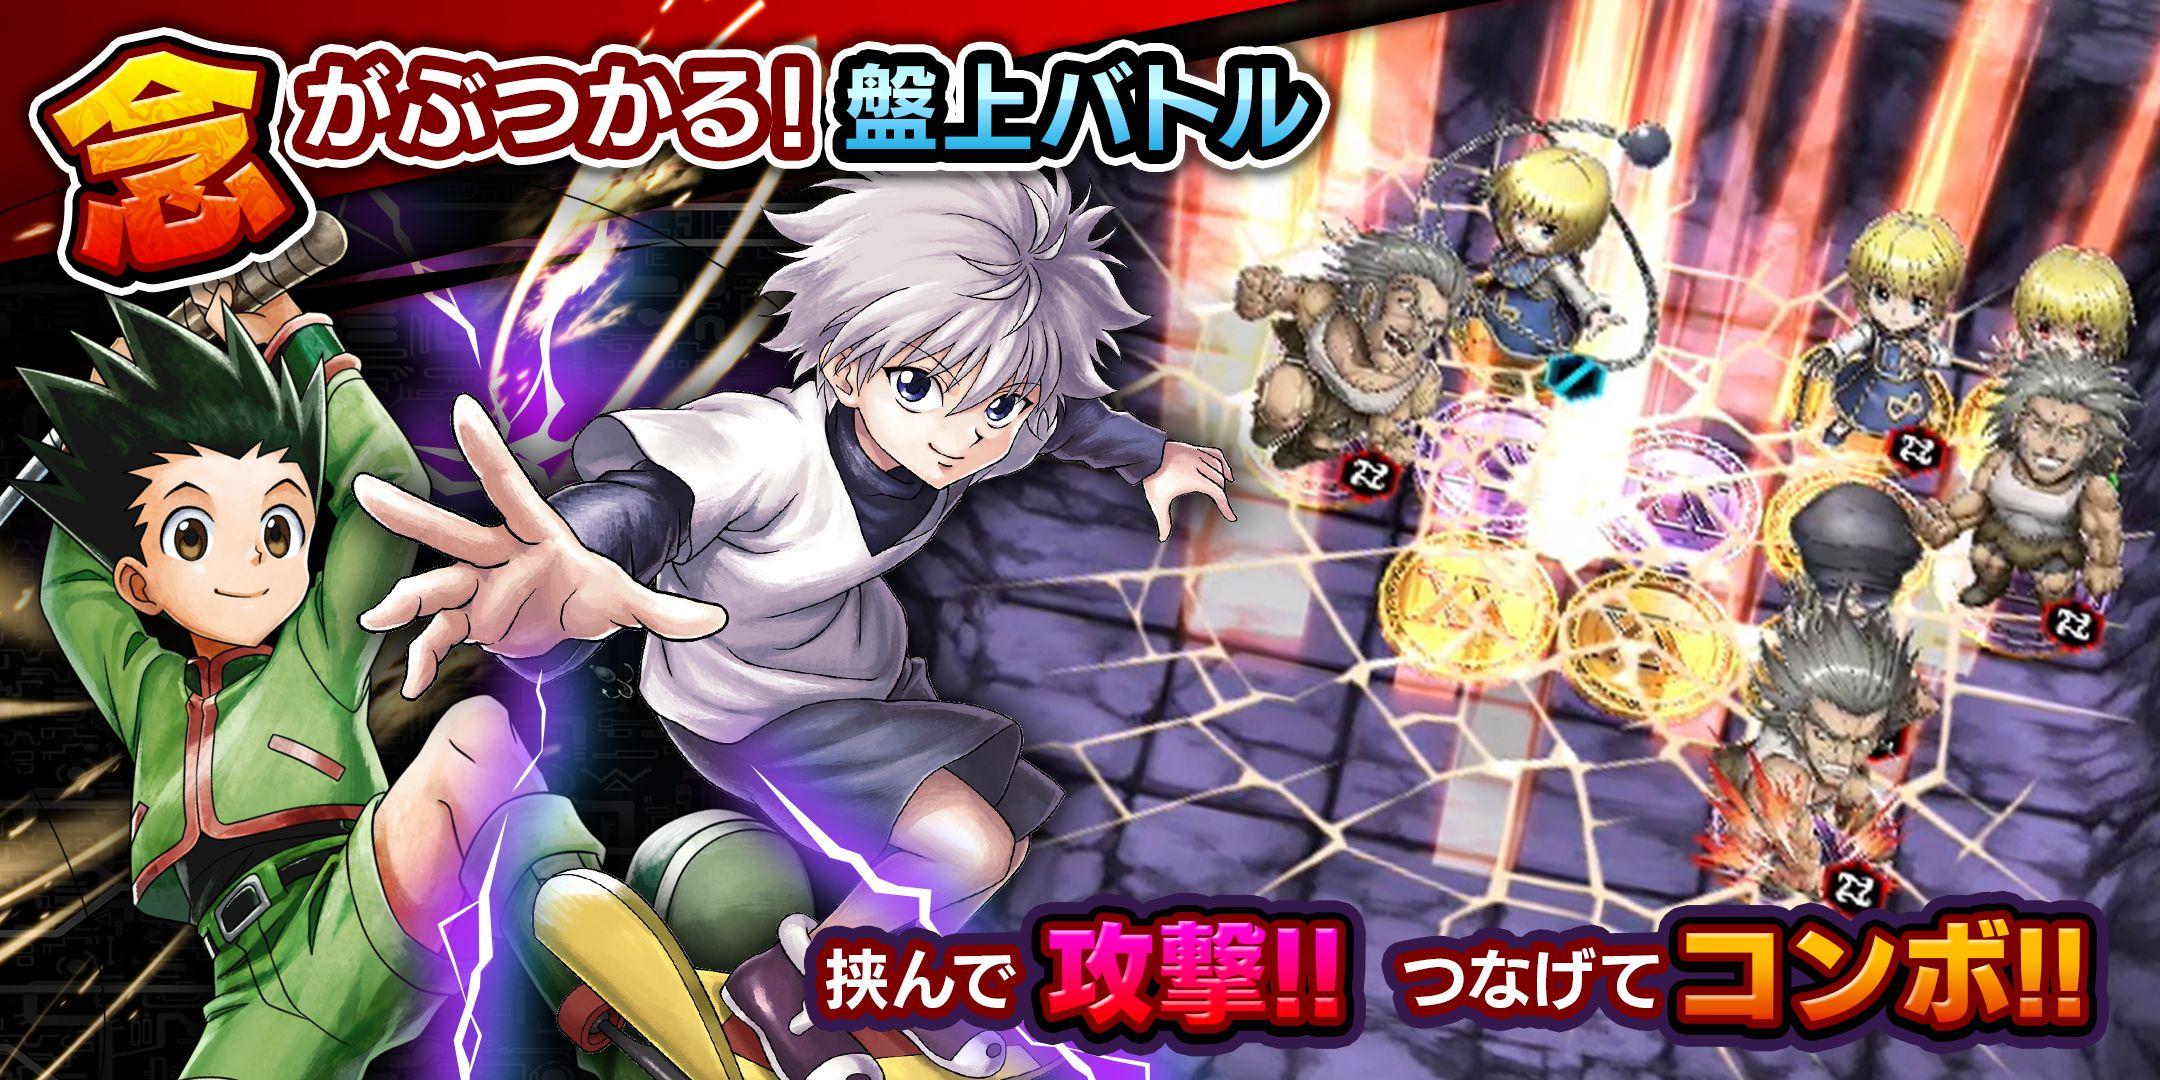 全职猎人 Arena Battle(HUNTER×HUNTER Arena Battle) 游戏截图2